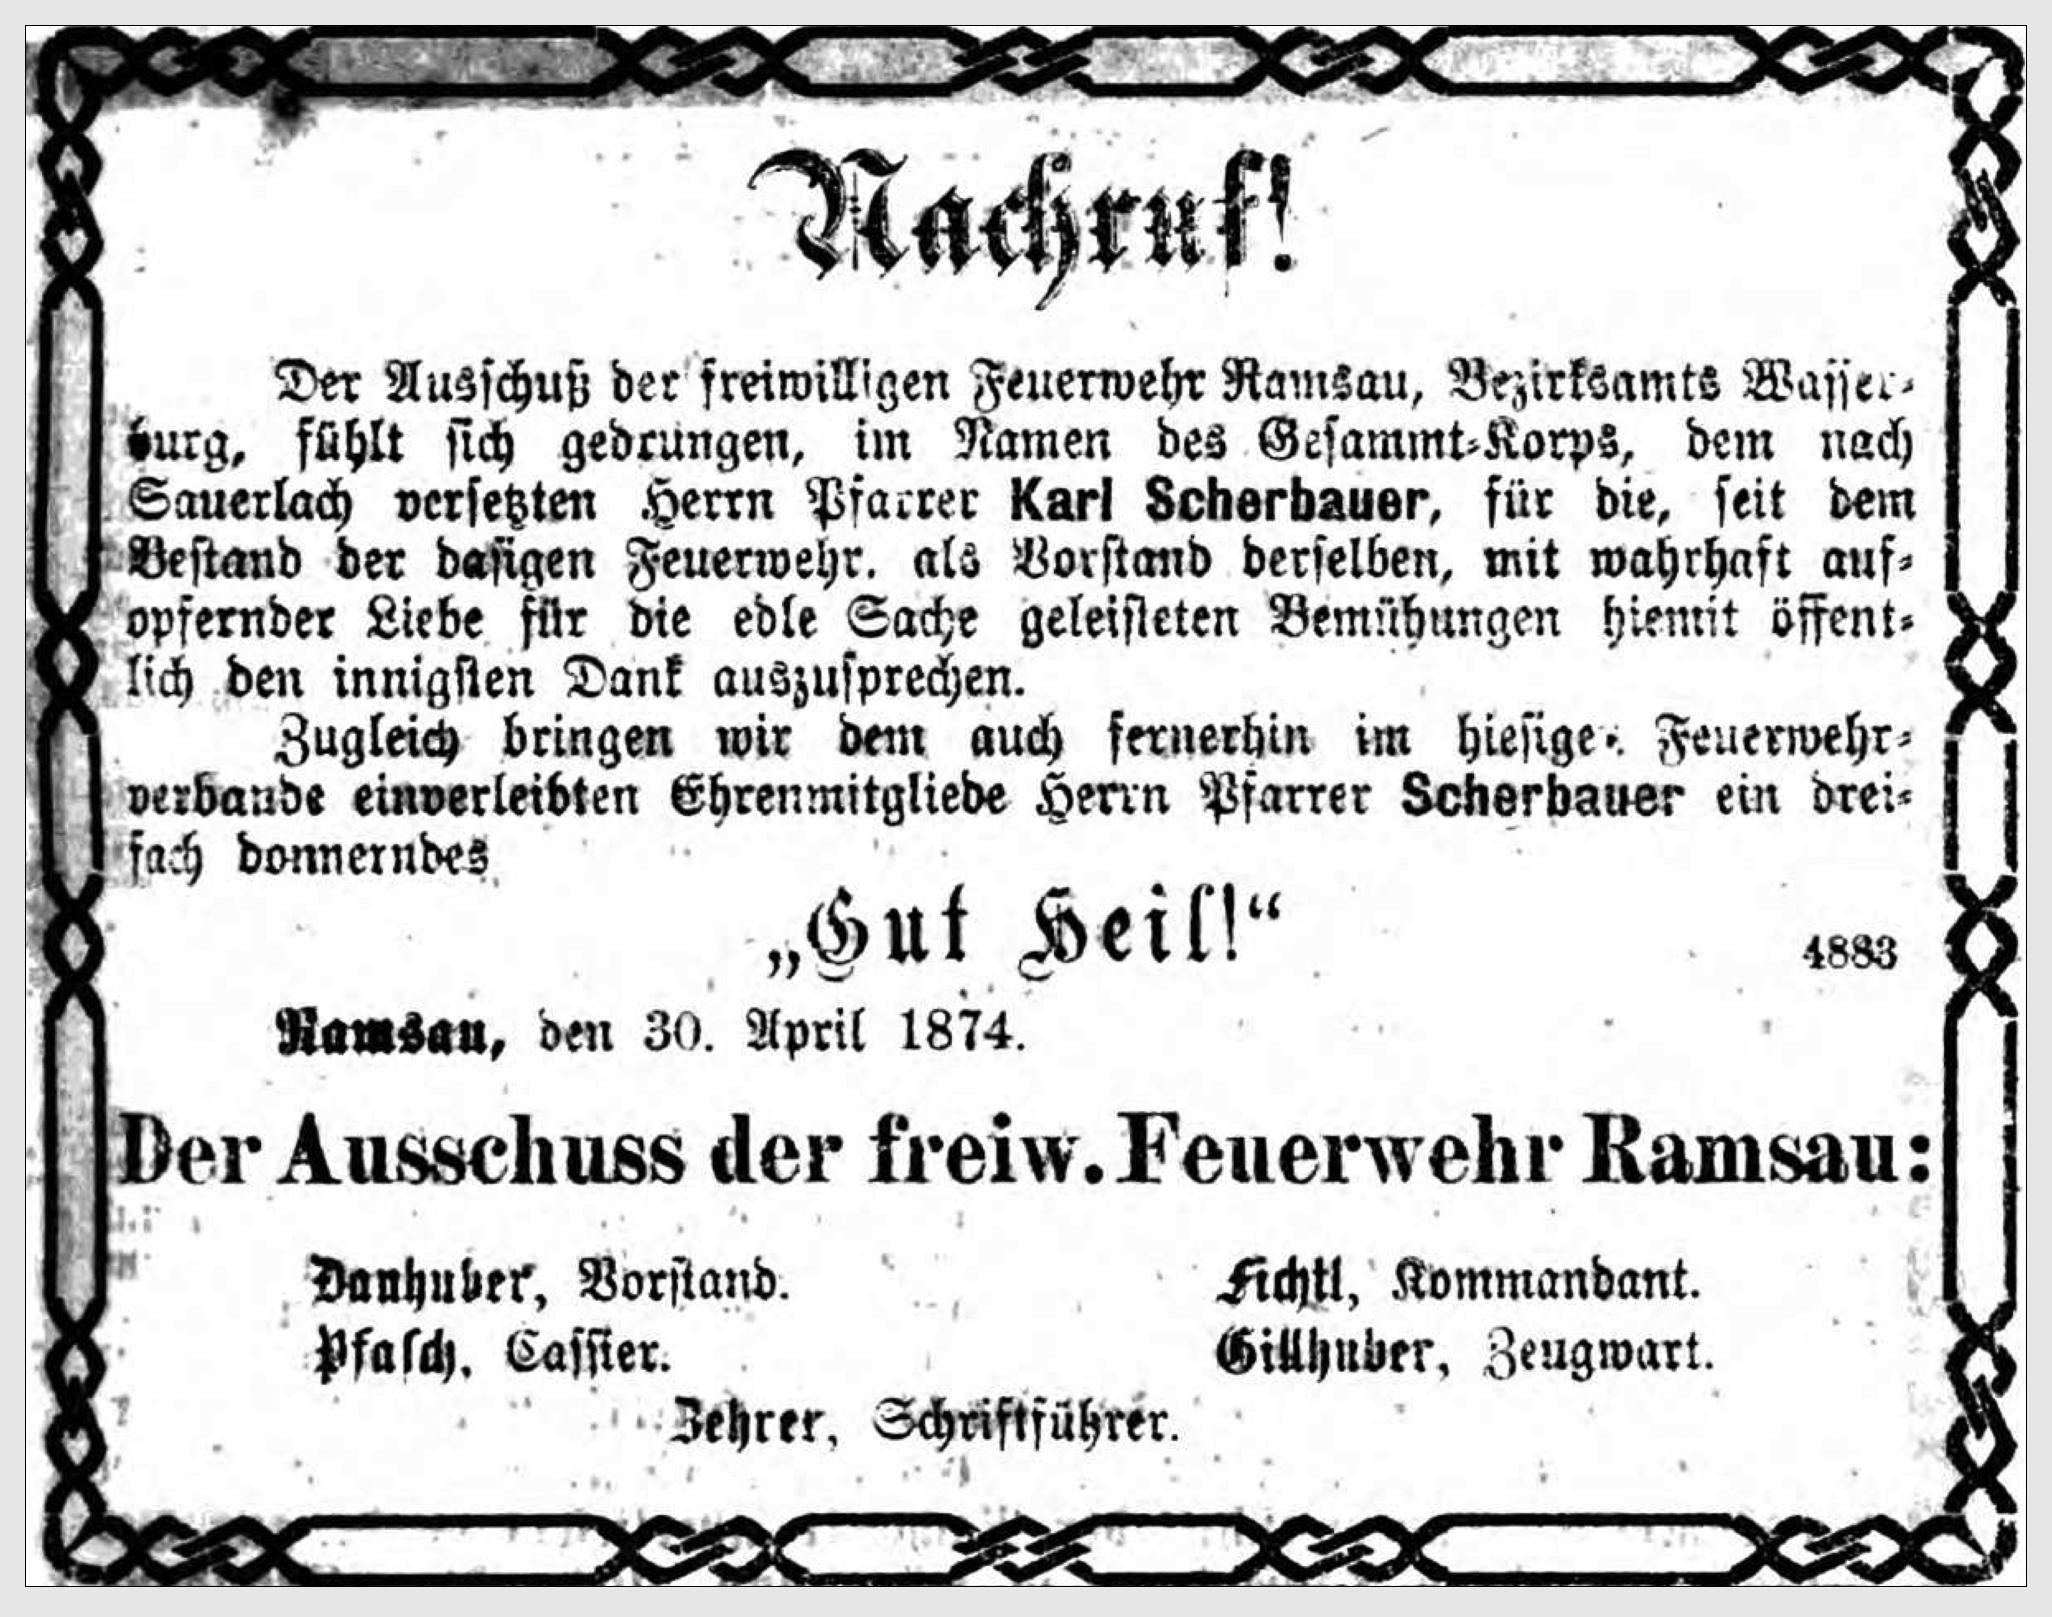 Annonce der Freiwilligen Feuerwehr Ramsau zur Verabschiedung des Pfarrers Scherbauer (Bayerischer Kurier vom 7.5.1874)